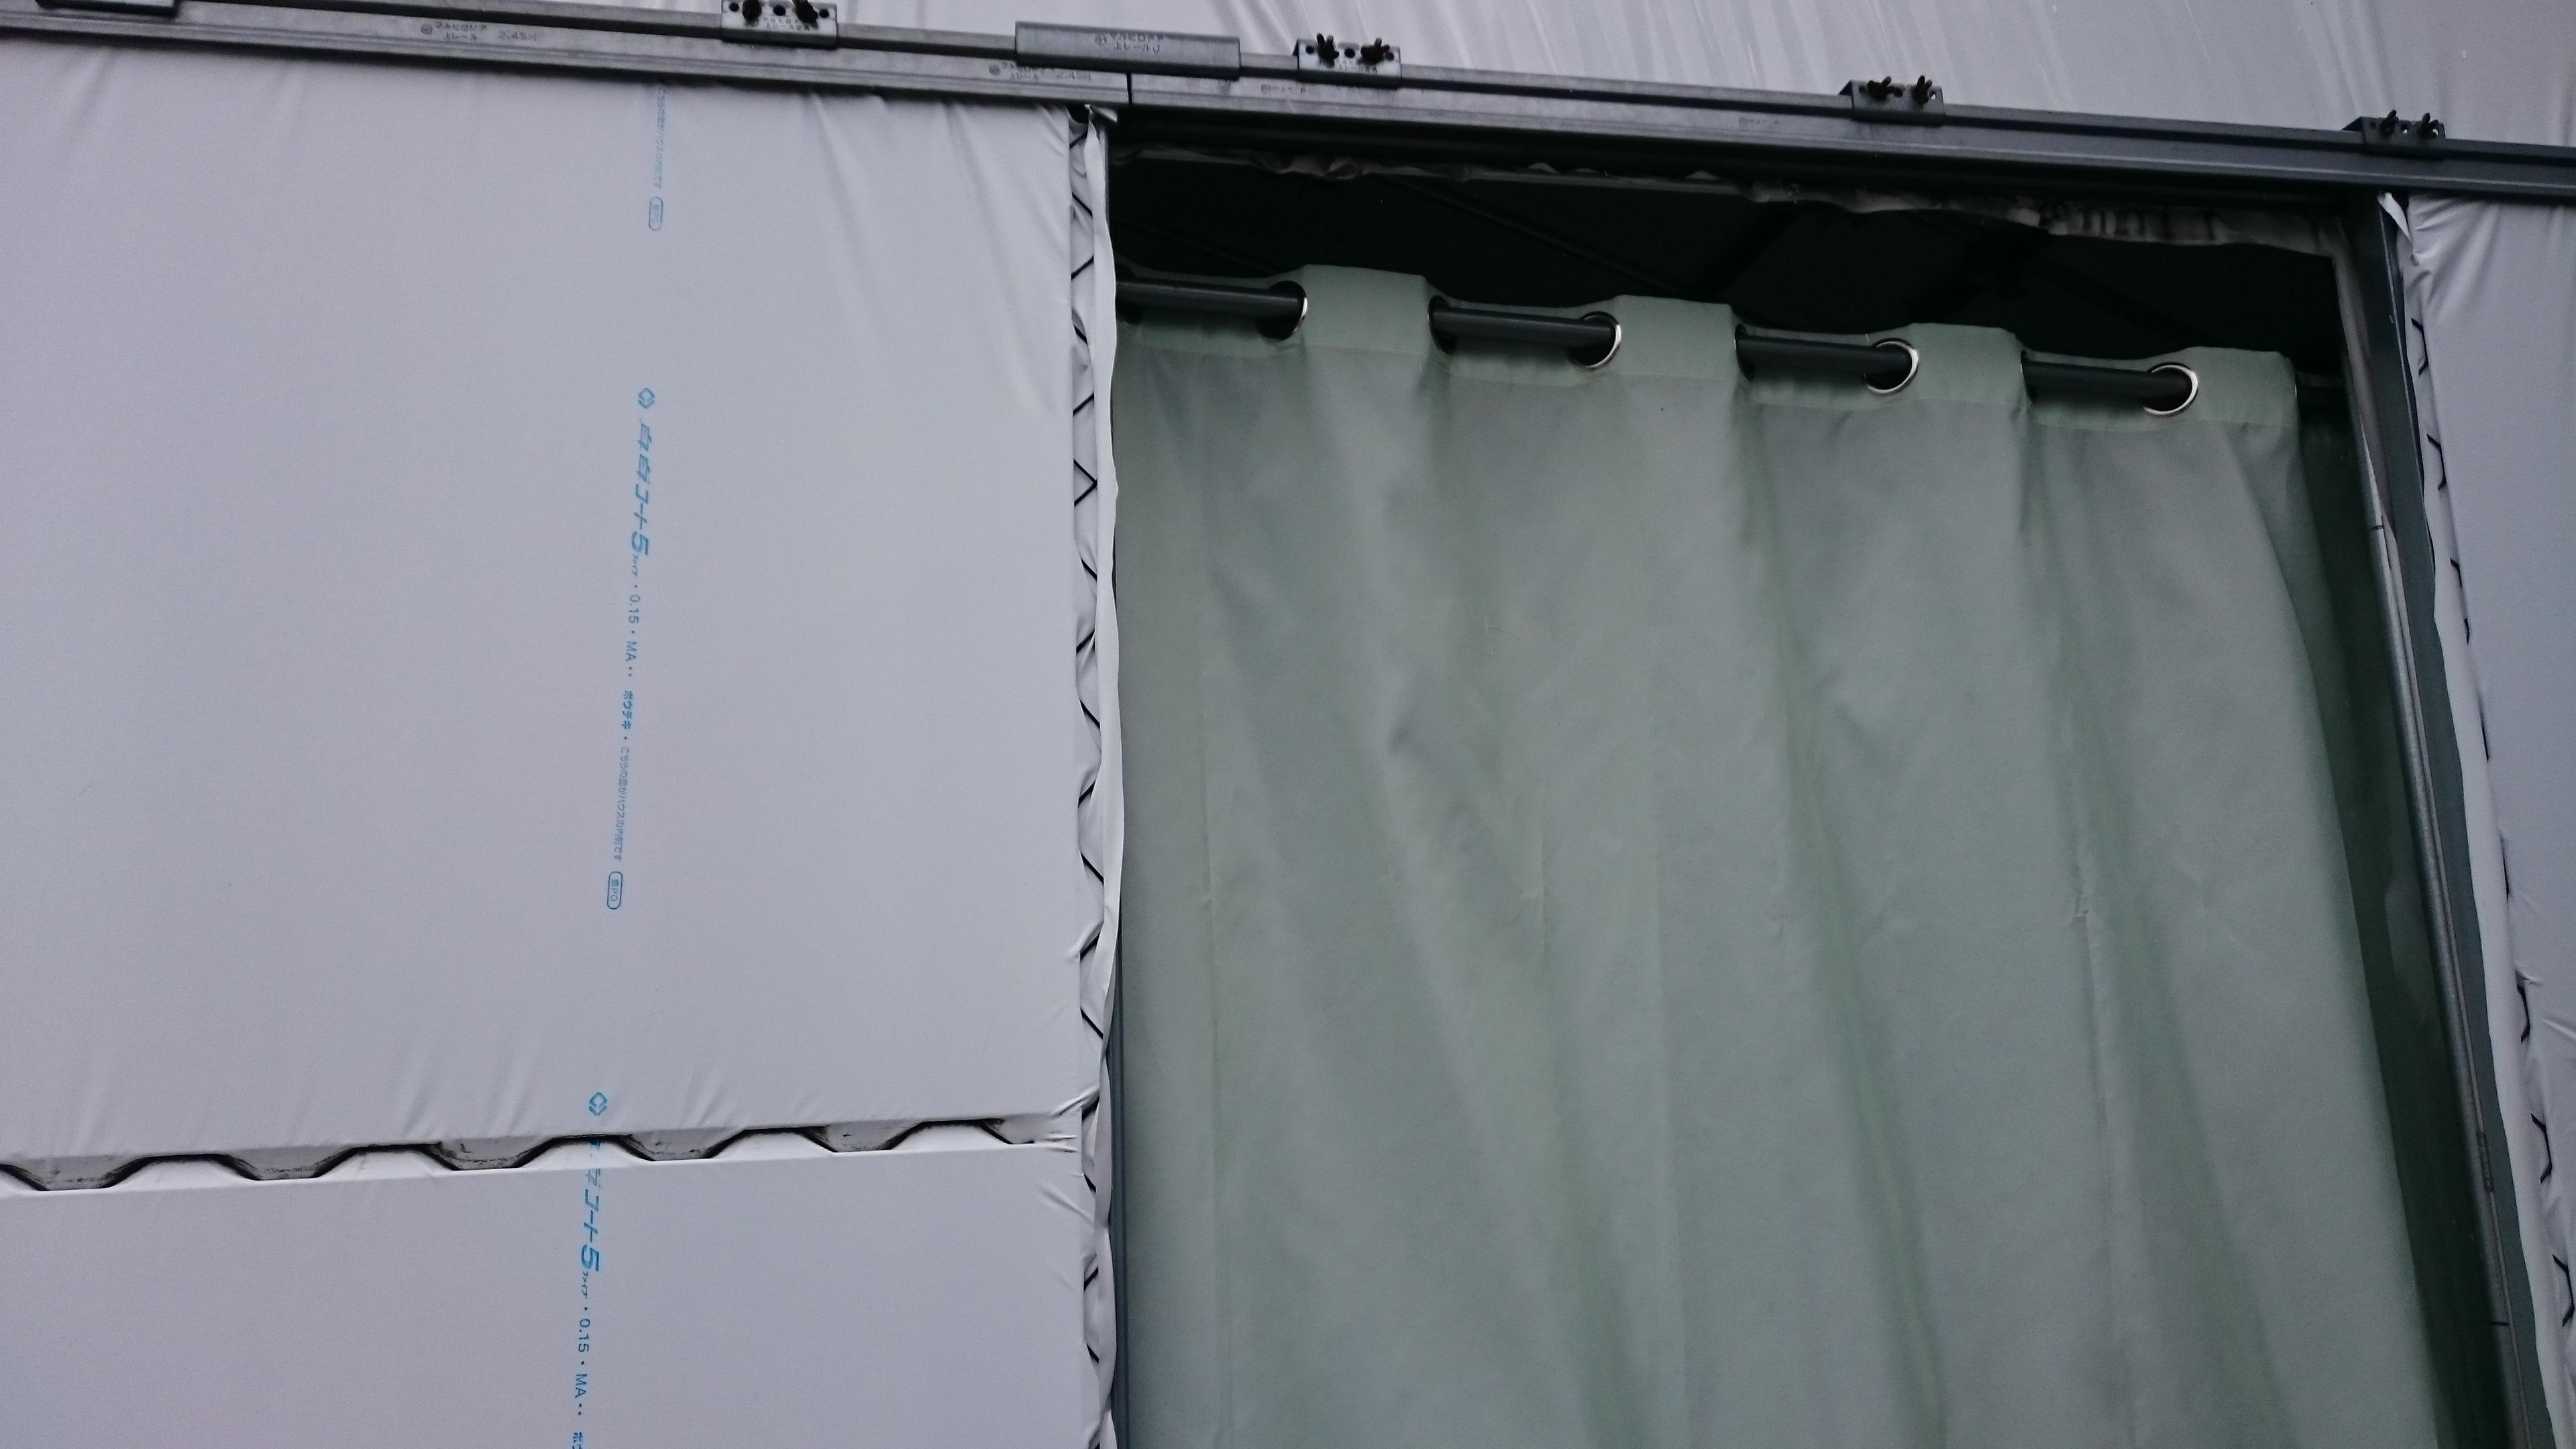 シャワーカーテン 外側